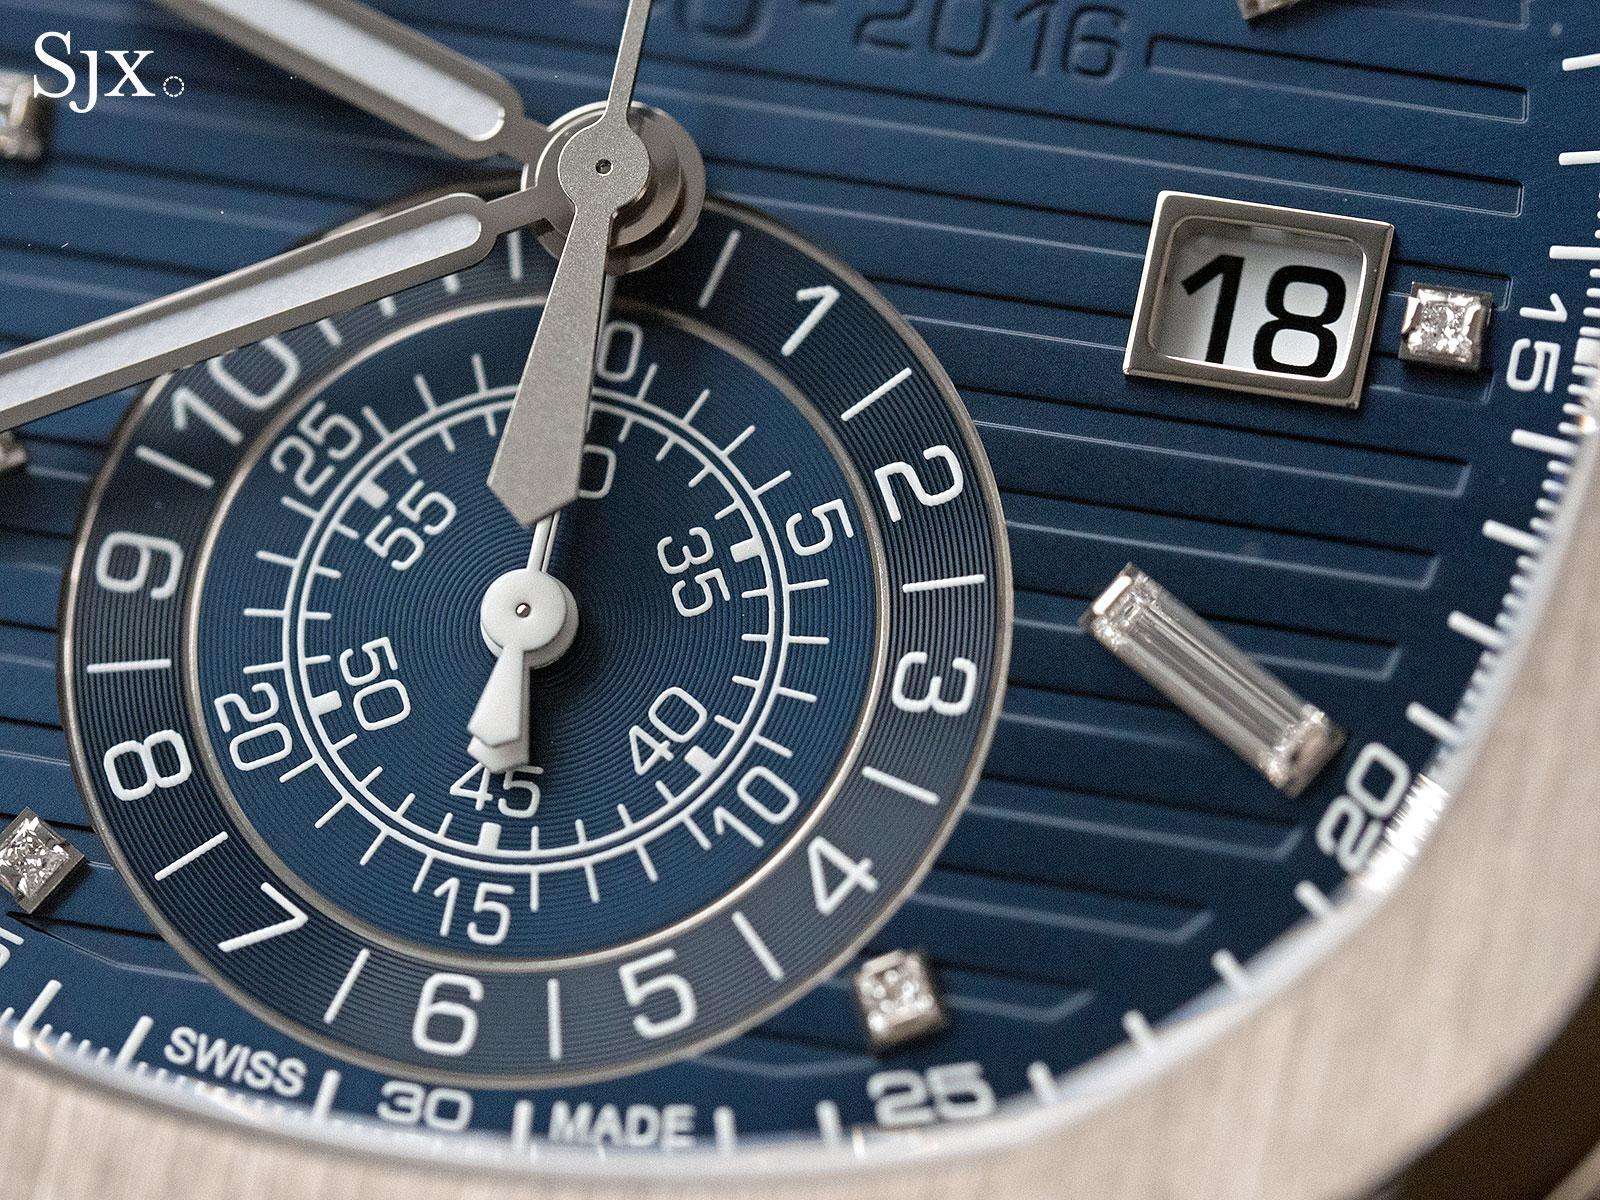 Patek Philippe Nautilus Chronograph Ref. 5976-1G 40th Anniversary 4